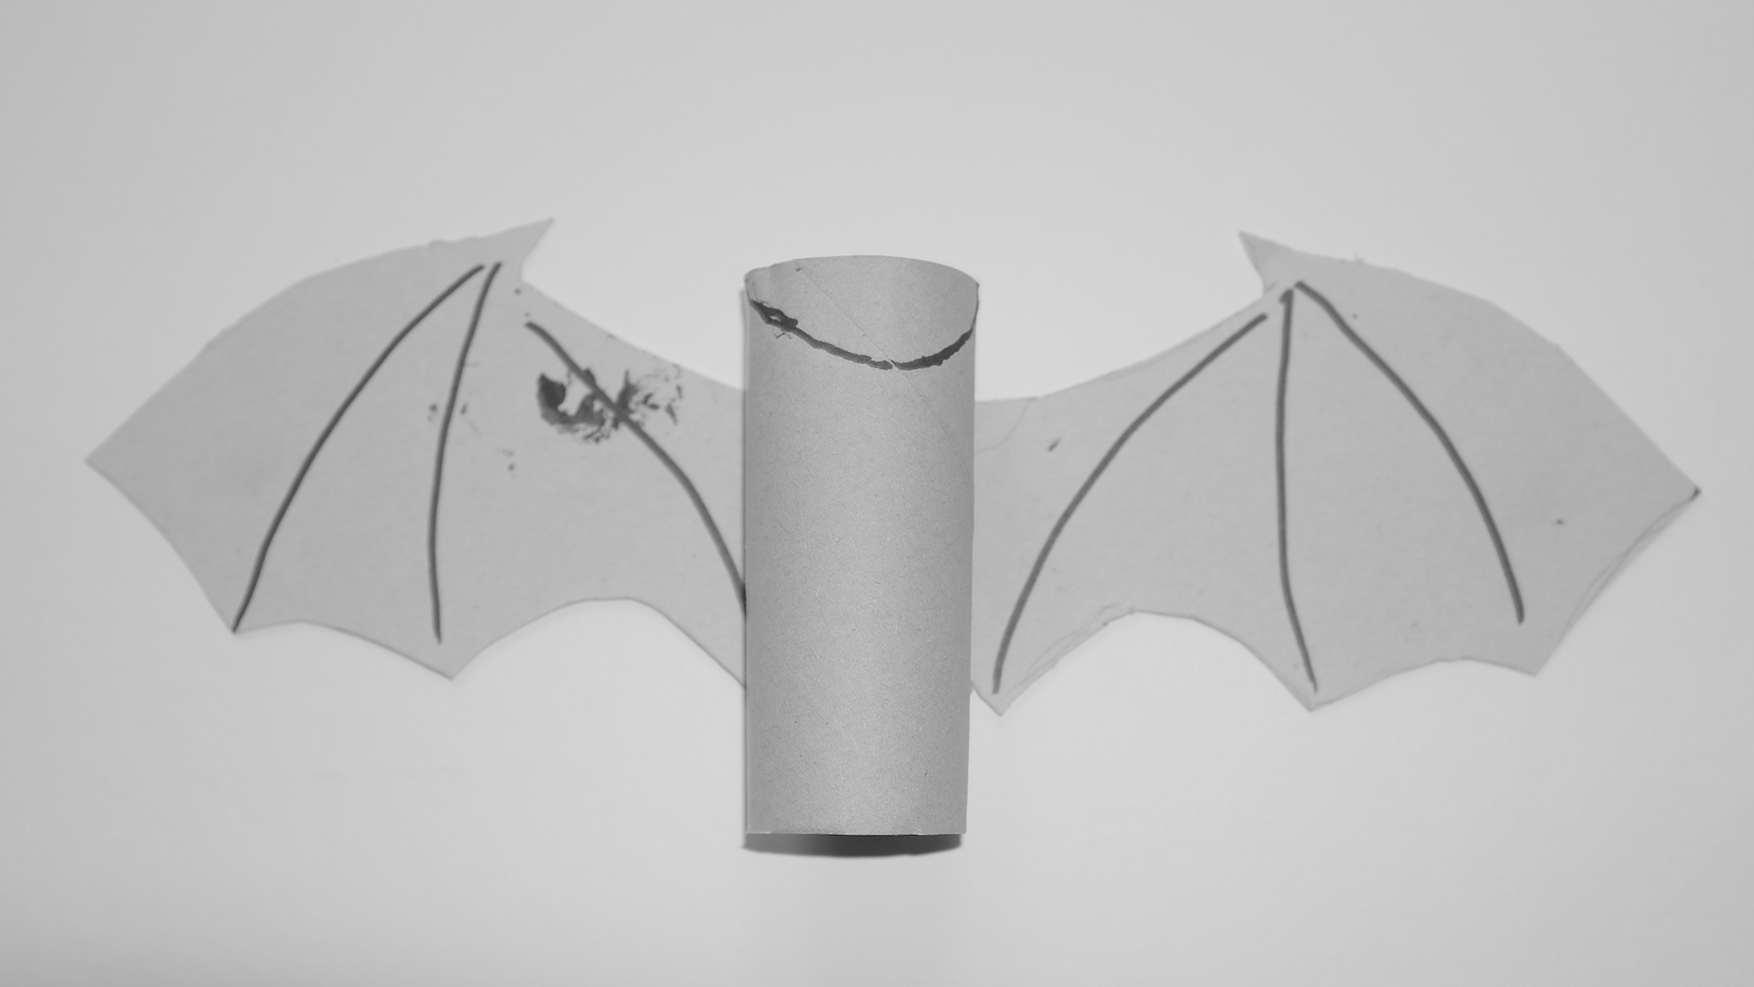 vleermuizen - doe het zelf vleermuis van wc rol en karton - stap 2 de wc rol